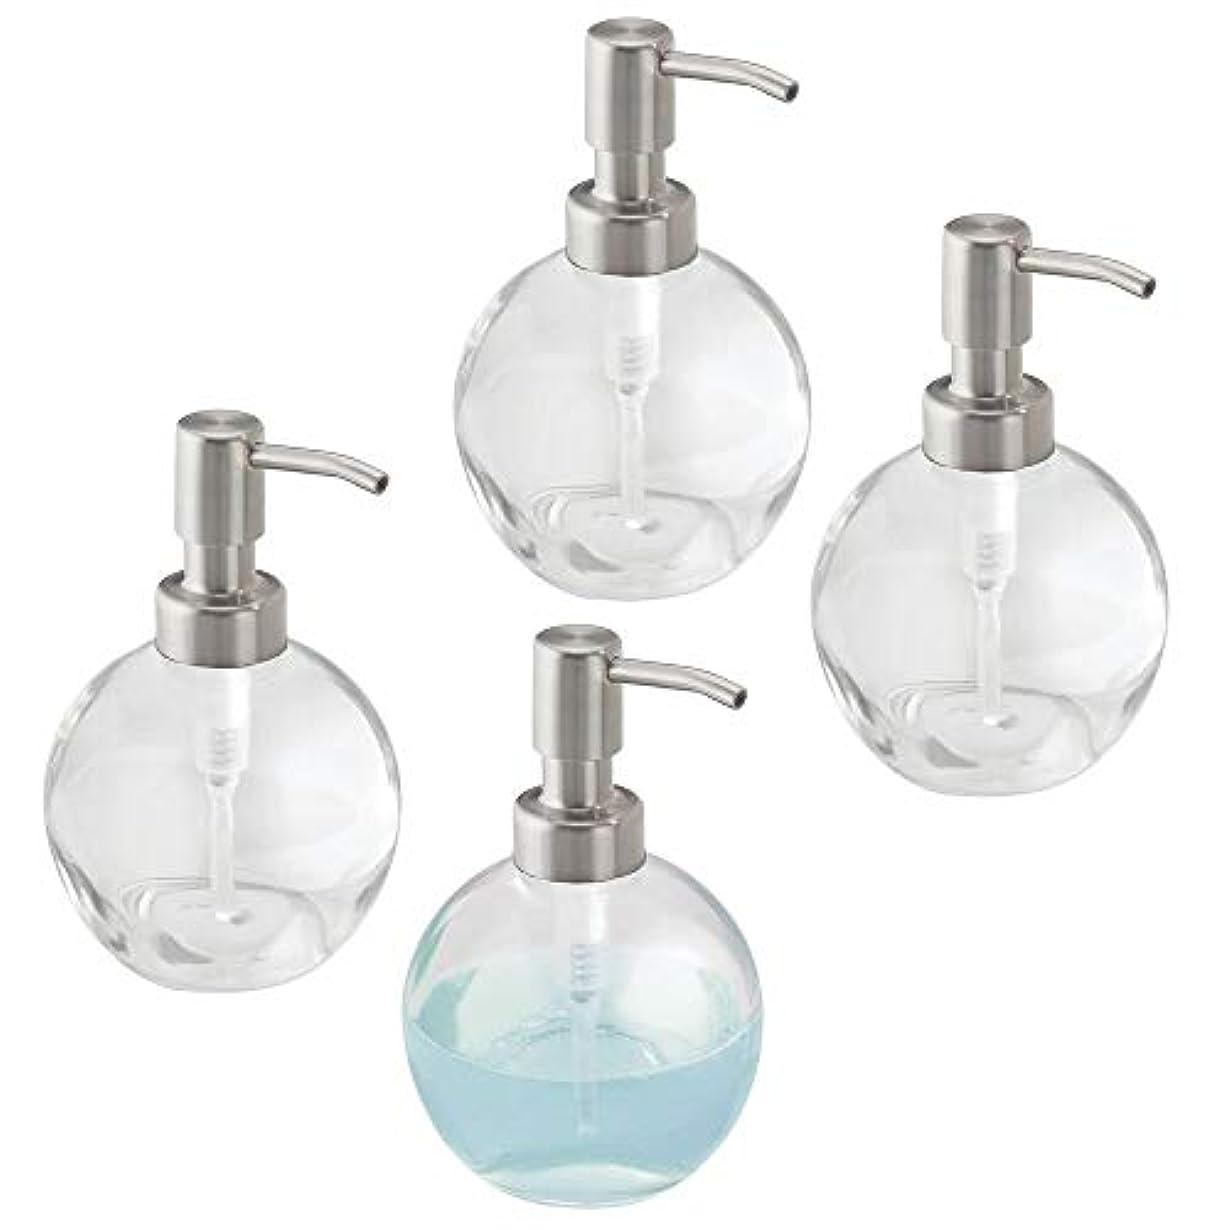 ニックネーム進化する予測するmDesign Liquid Hand Soapガラスディスペンサーポンプボトルのキッチン、バスルーム|もCan Be Used For Hand Lotion & Essential Oils – 4のパック、ラウンド...